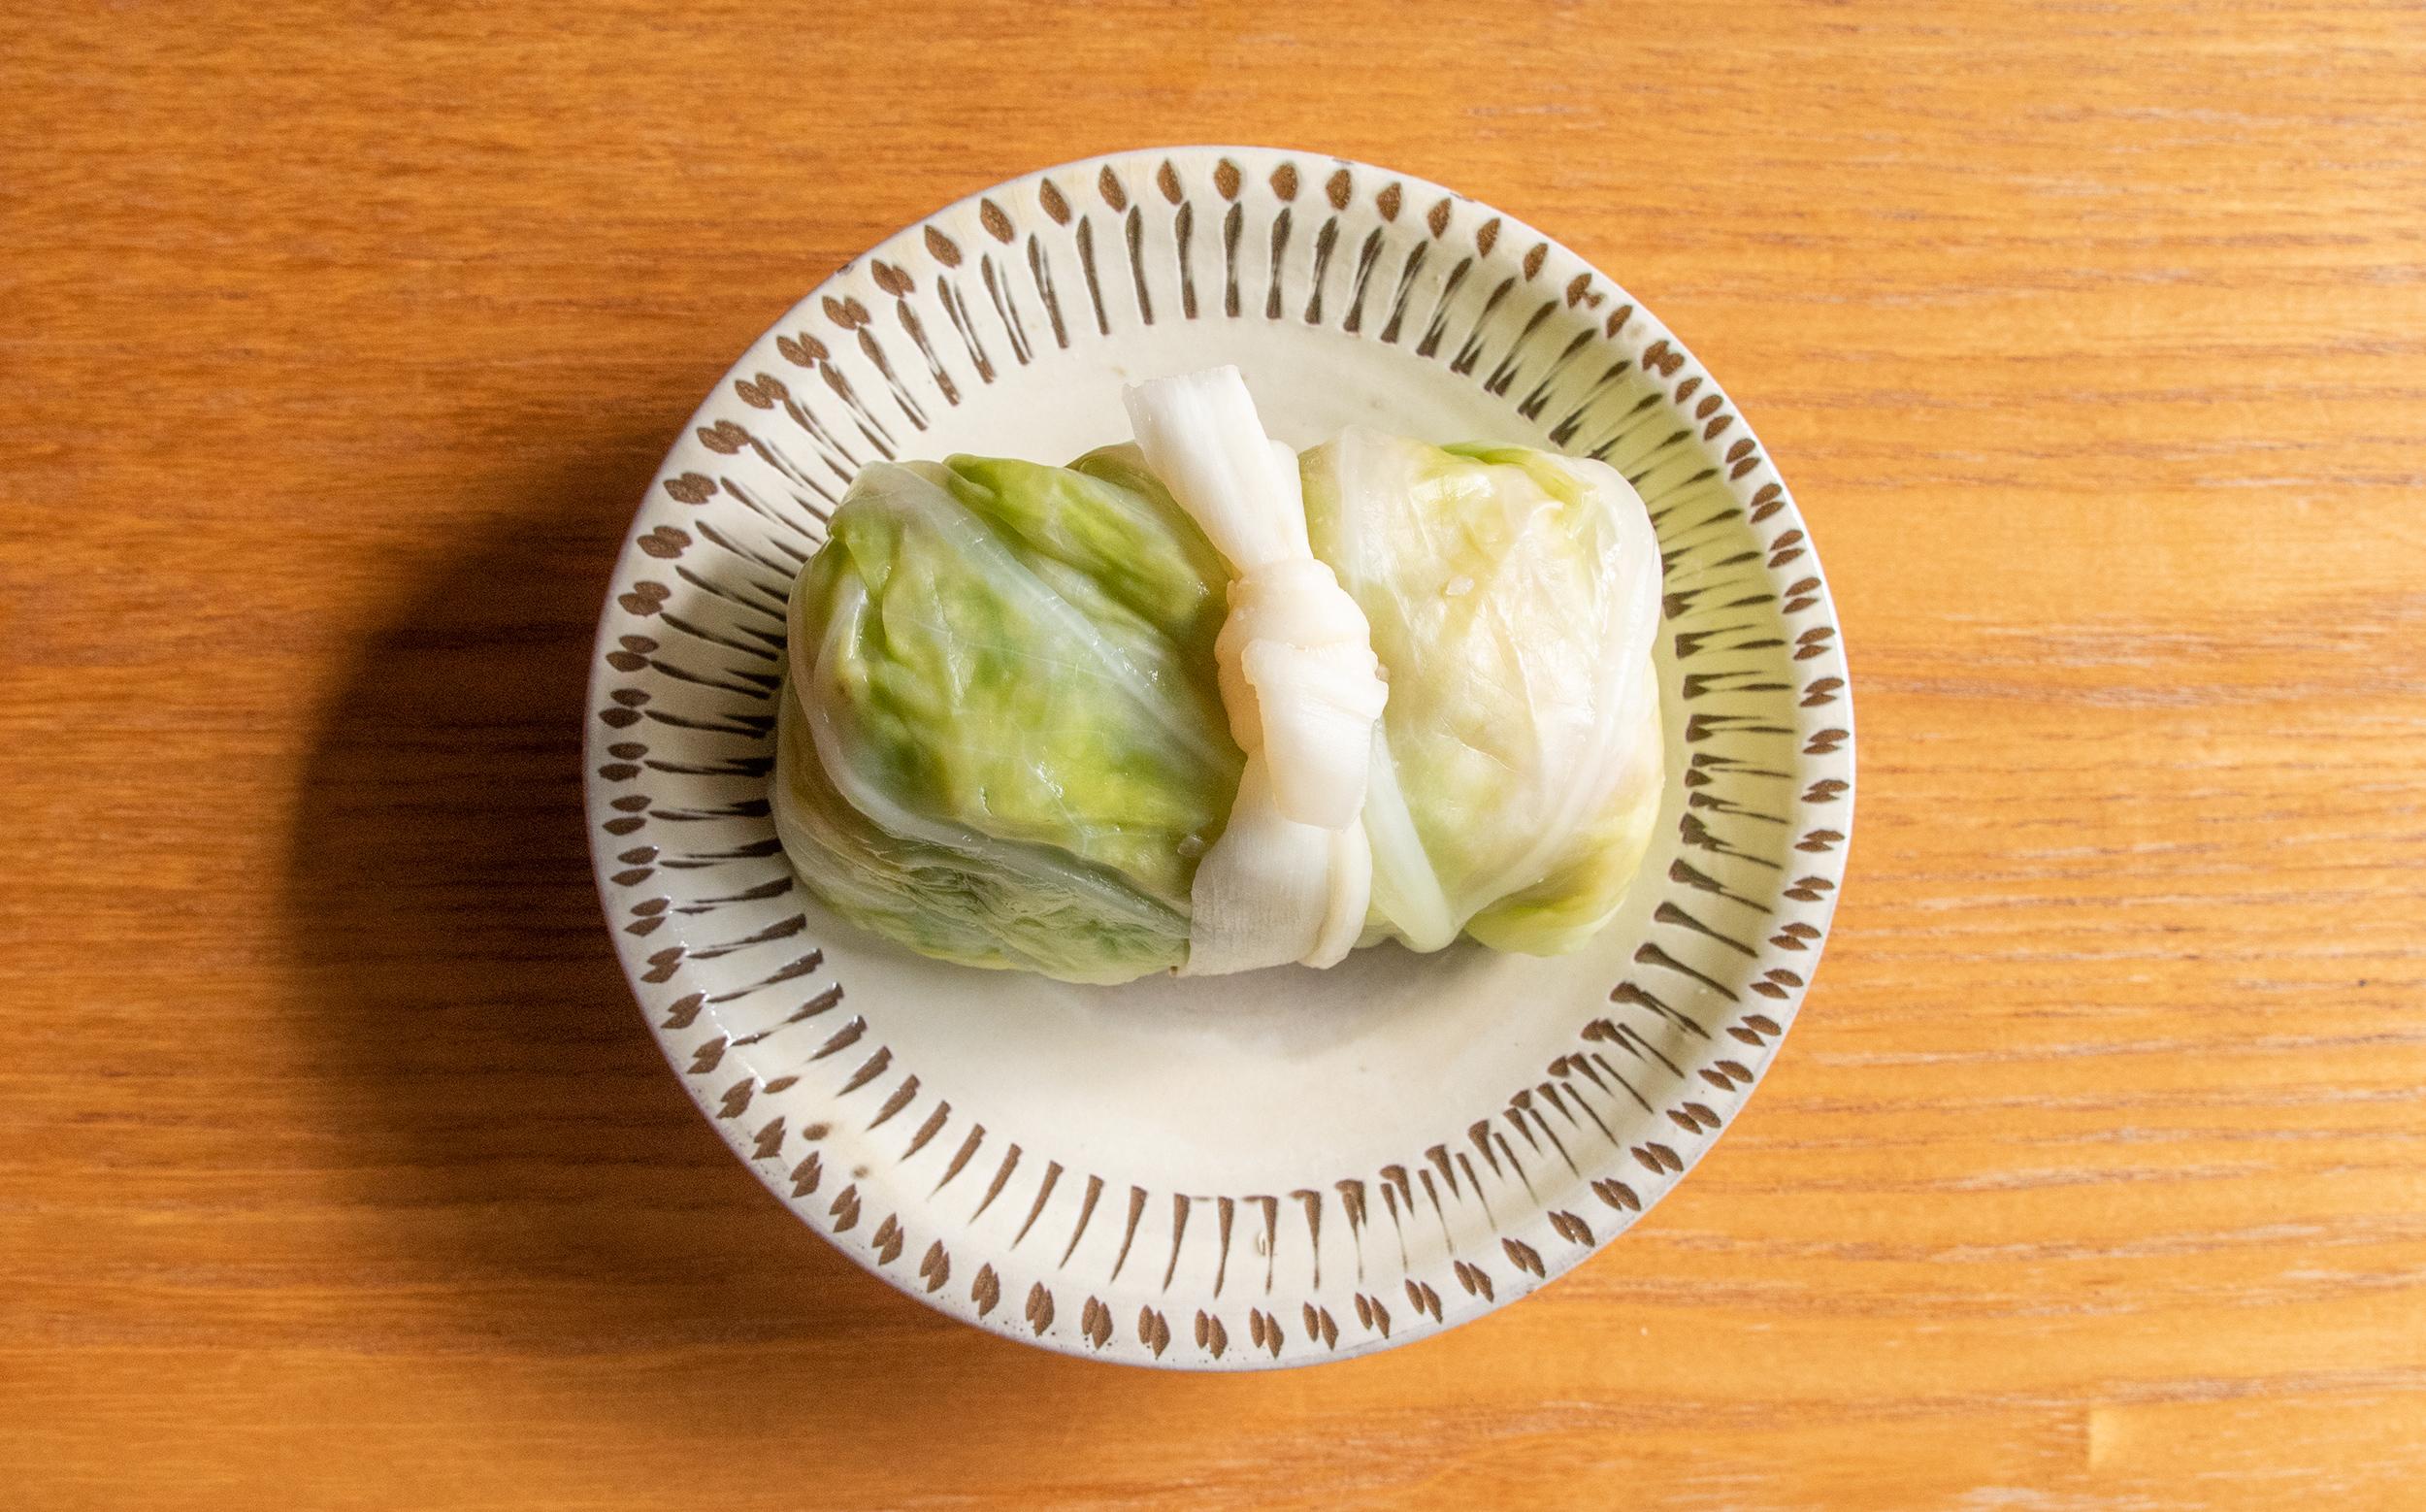 増田屋(葛飾区立石)のおでん種:ロールキャベツ